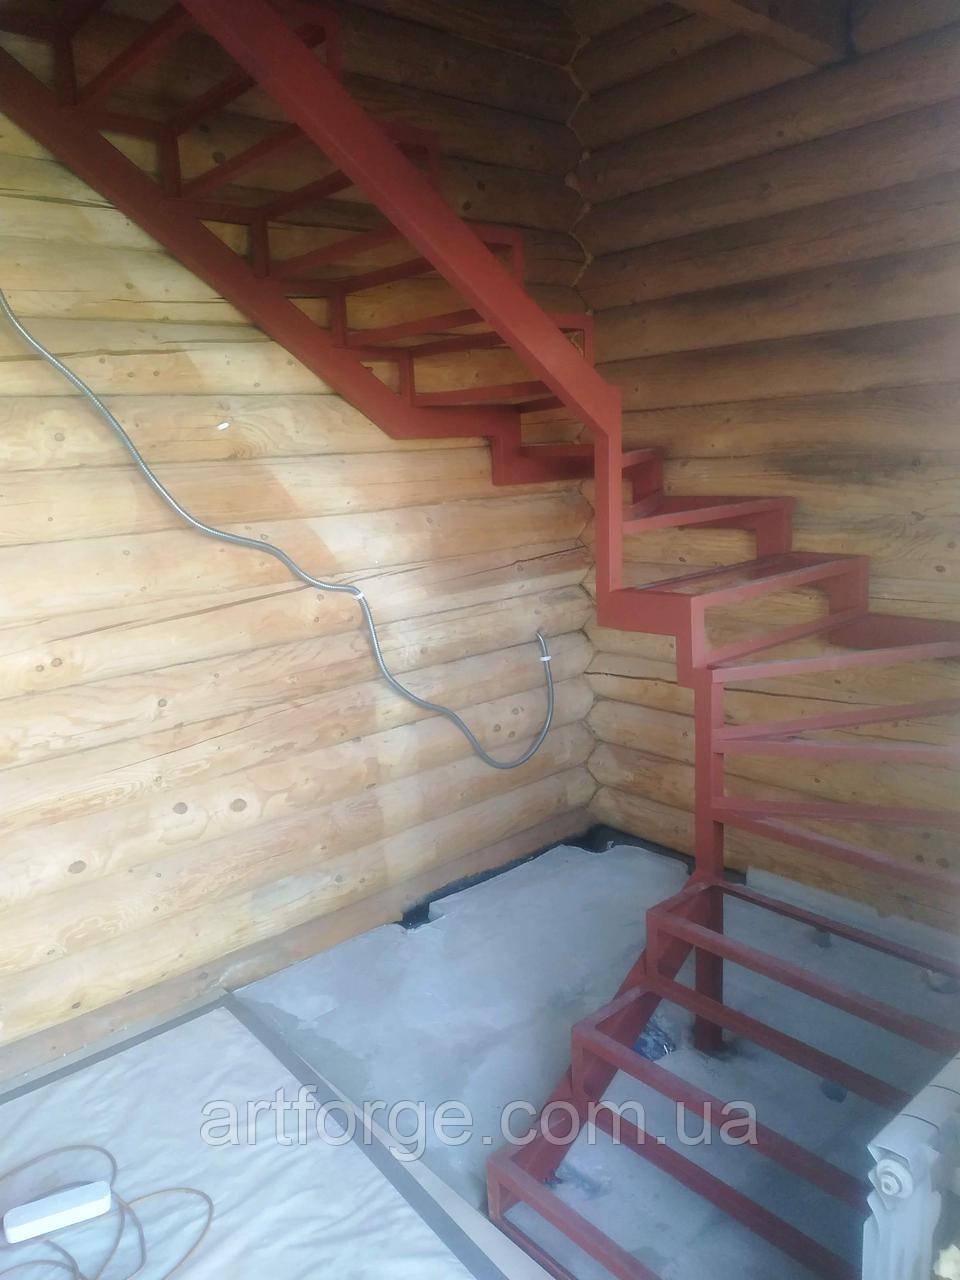 Каркас сходів під обшивку, поворотними, забіжними ступенями.